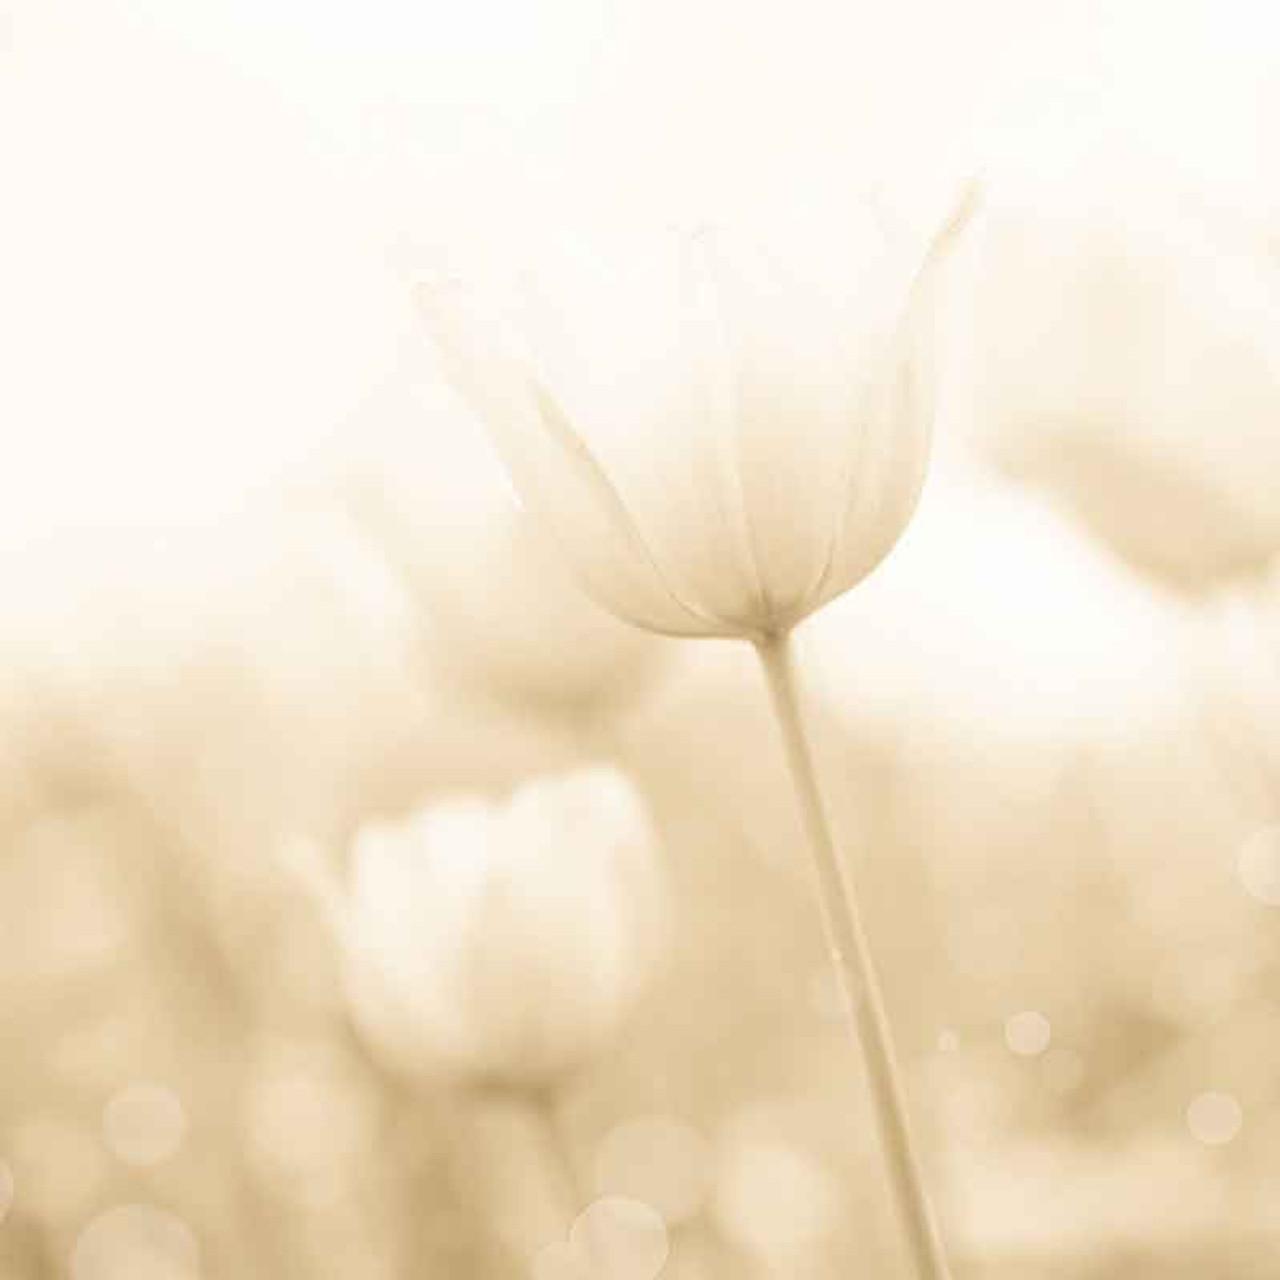 Soft Floral Bokeh